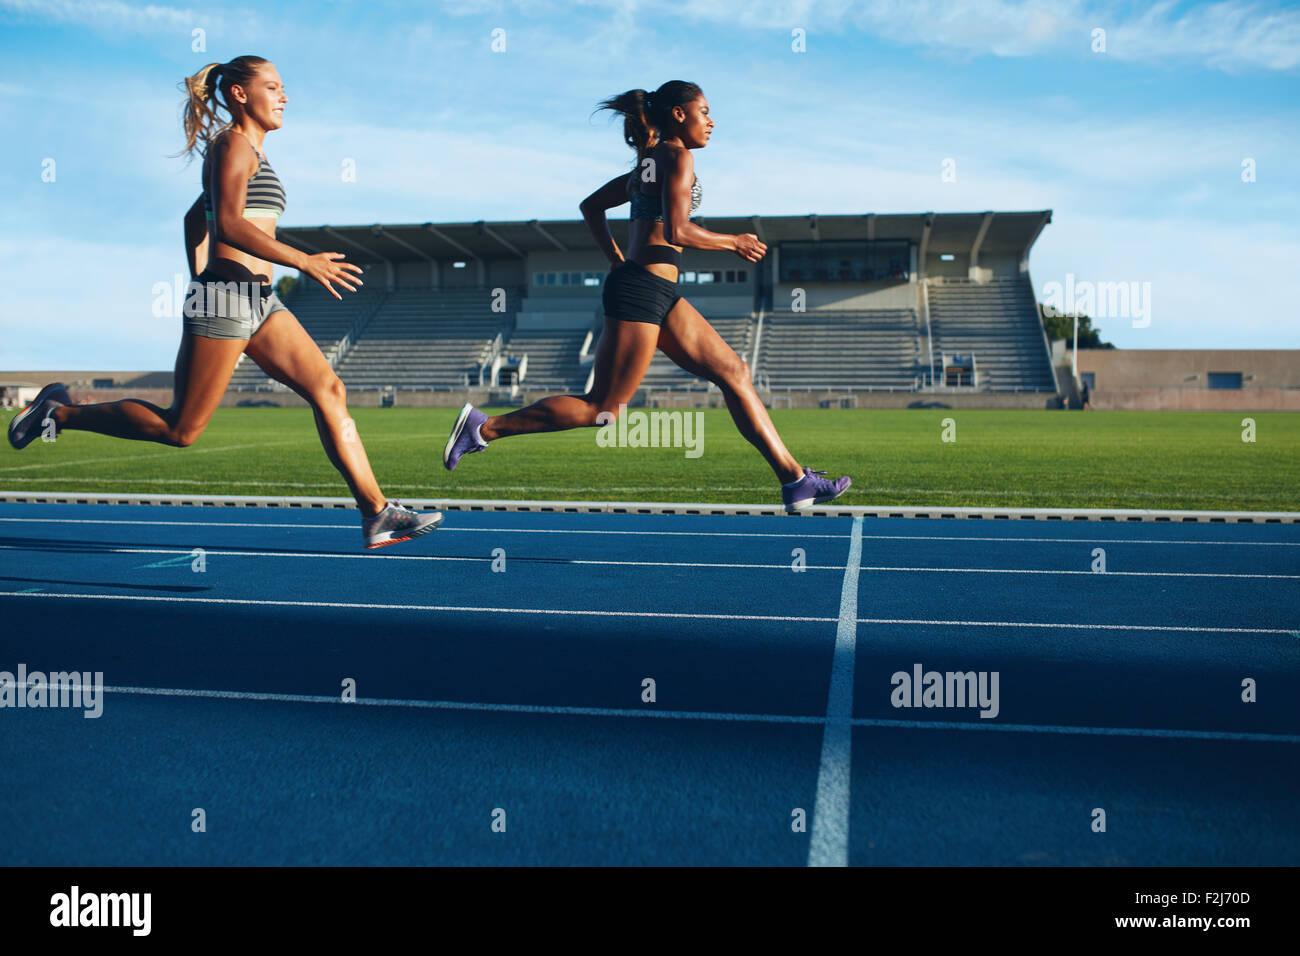 Athleten erreicht Ziellinie auf Rennstrecke während der Trainingseinheit. Junge Weibchen konkurrieren in einem Stockbild